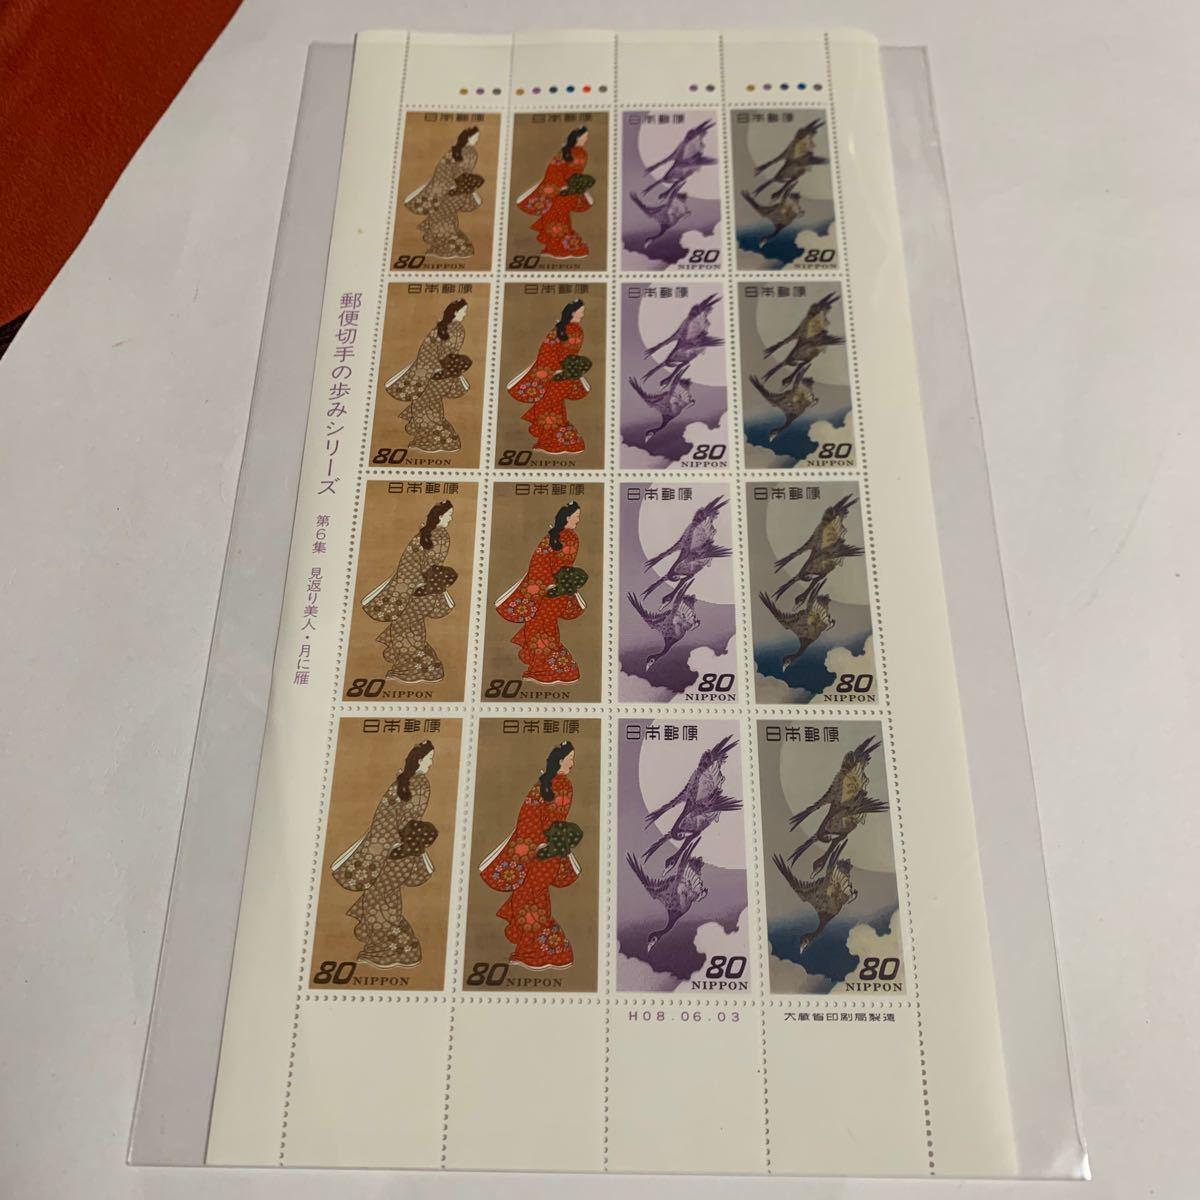 切手趣味週間 見返り美人 月に雁 切手 切手シート  記念切手 昭和 平成